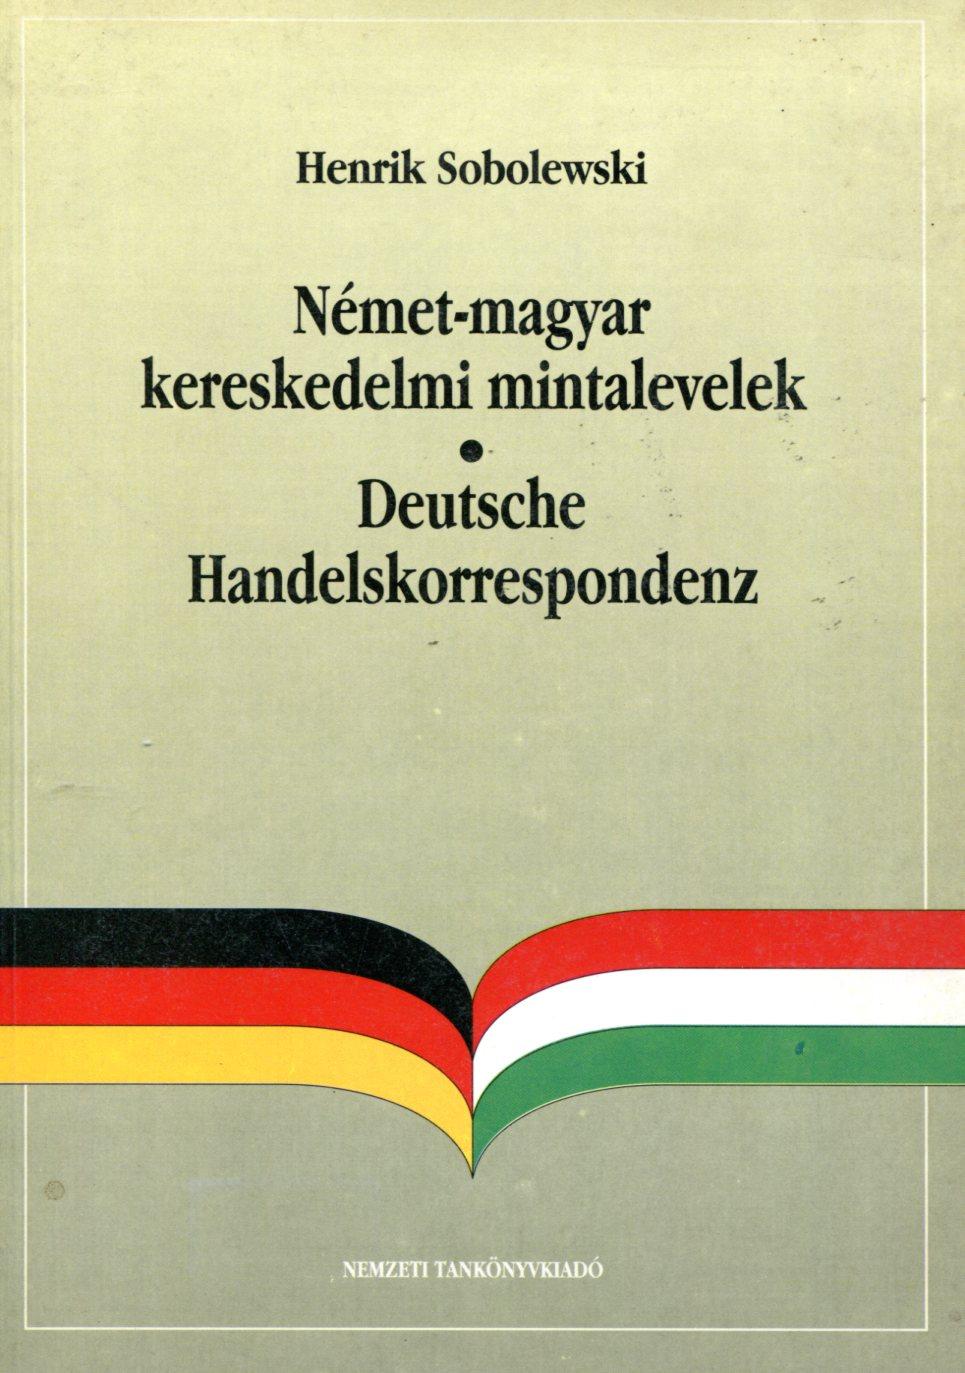 Német-magyar kereskedelmi mintalevelek